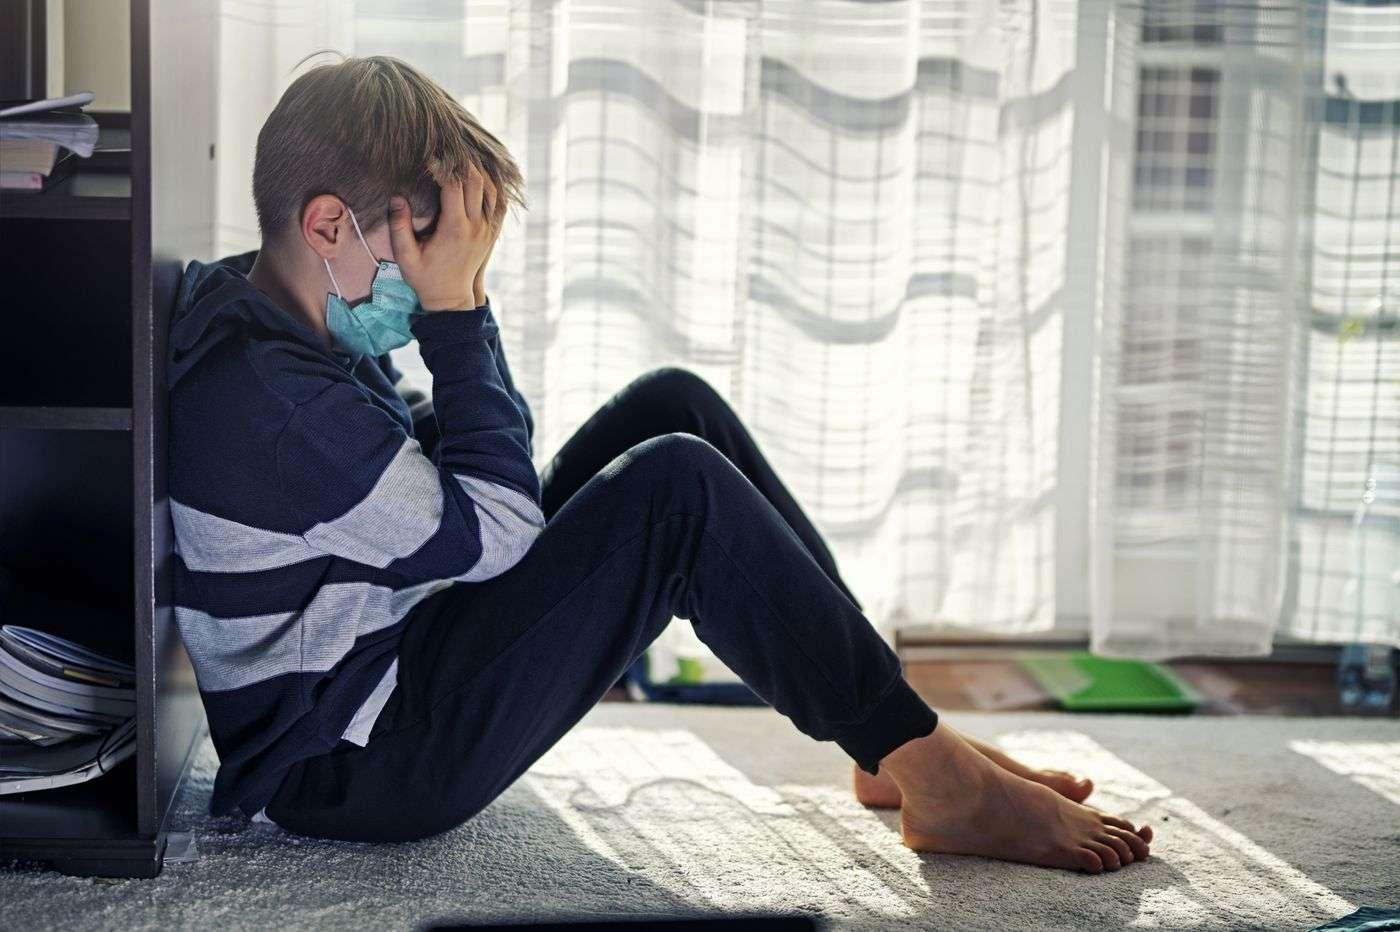 क्या आप जानते हैं: अवसादग्रस्त मांओं के बच्चों में अवसाद बढऩे का खतरा 70 प्रतिशत अधिक होता है